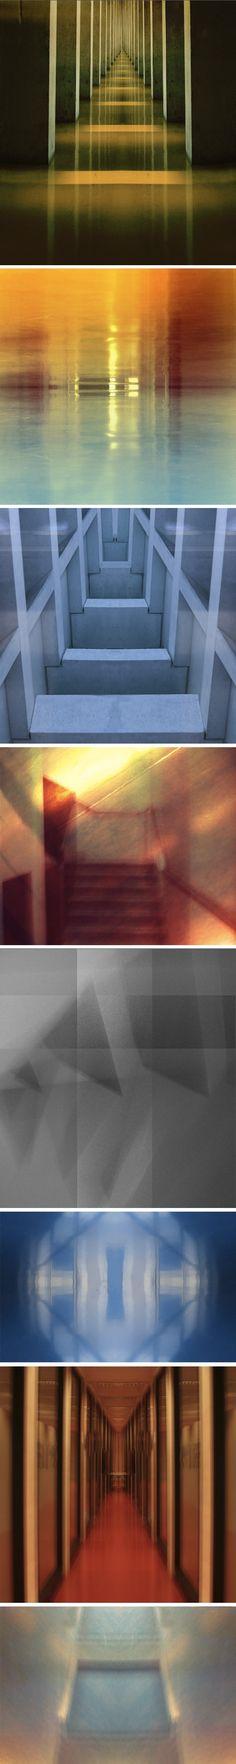 Simon P Laurent explore les frontières entre la peinture, la photographie et les arts graphique, dans une vision très expérimentale. Cette série lui a été commandée par le directeur de l'École d'architecte de Nancy, Lorenzo Diez.